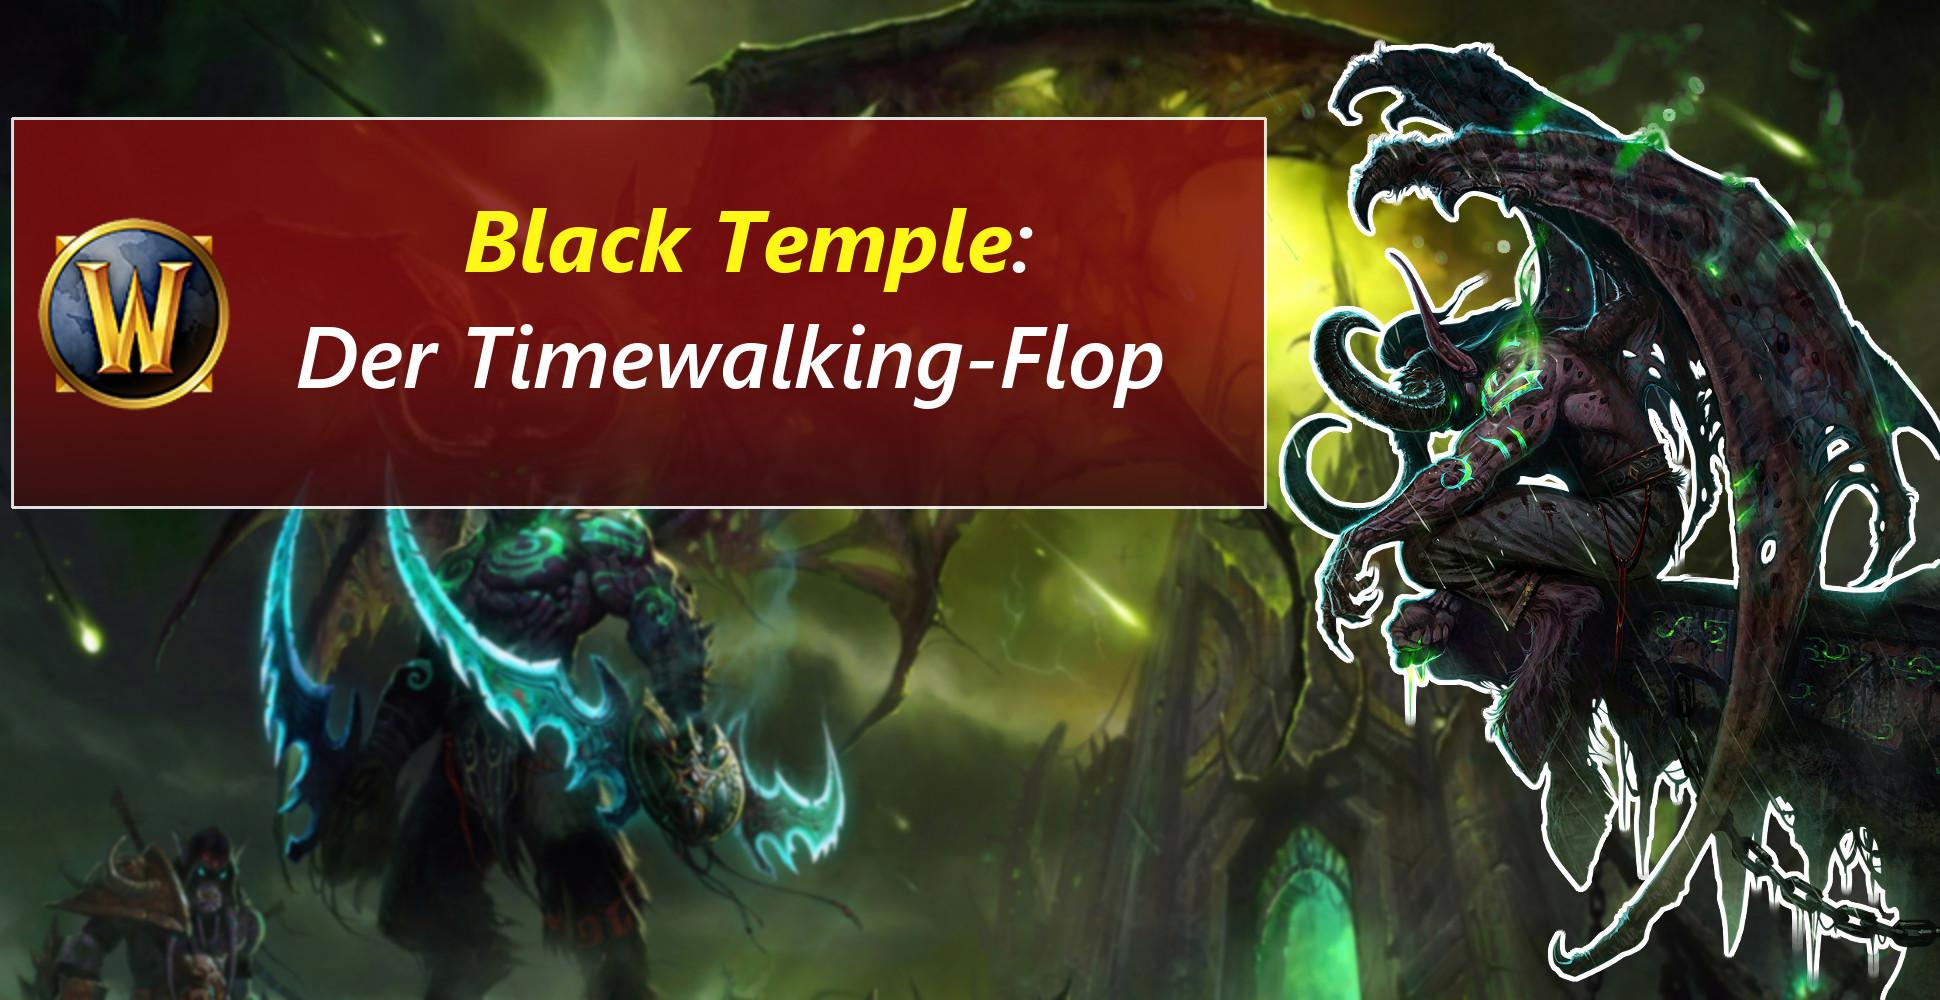 Deshalb Ist Das Timewalking Im Schwarzer Tempel Bei Wow Ein Flop